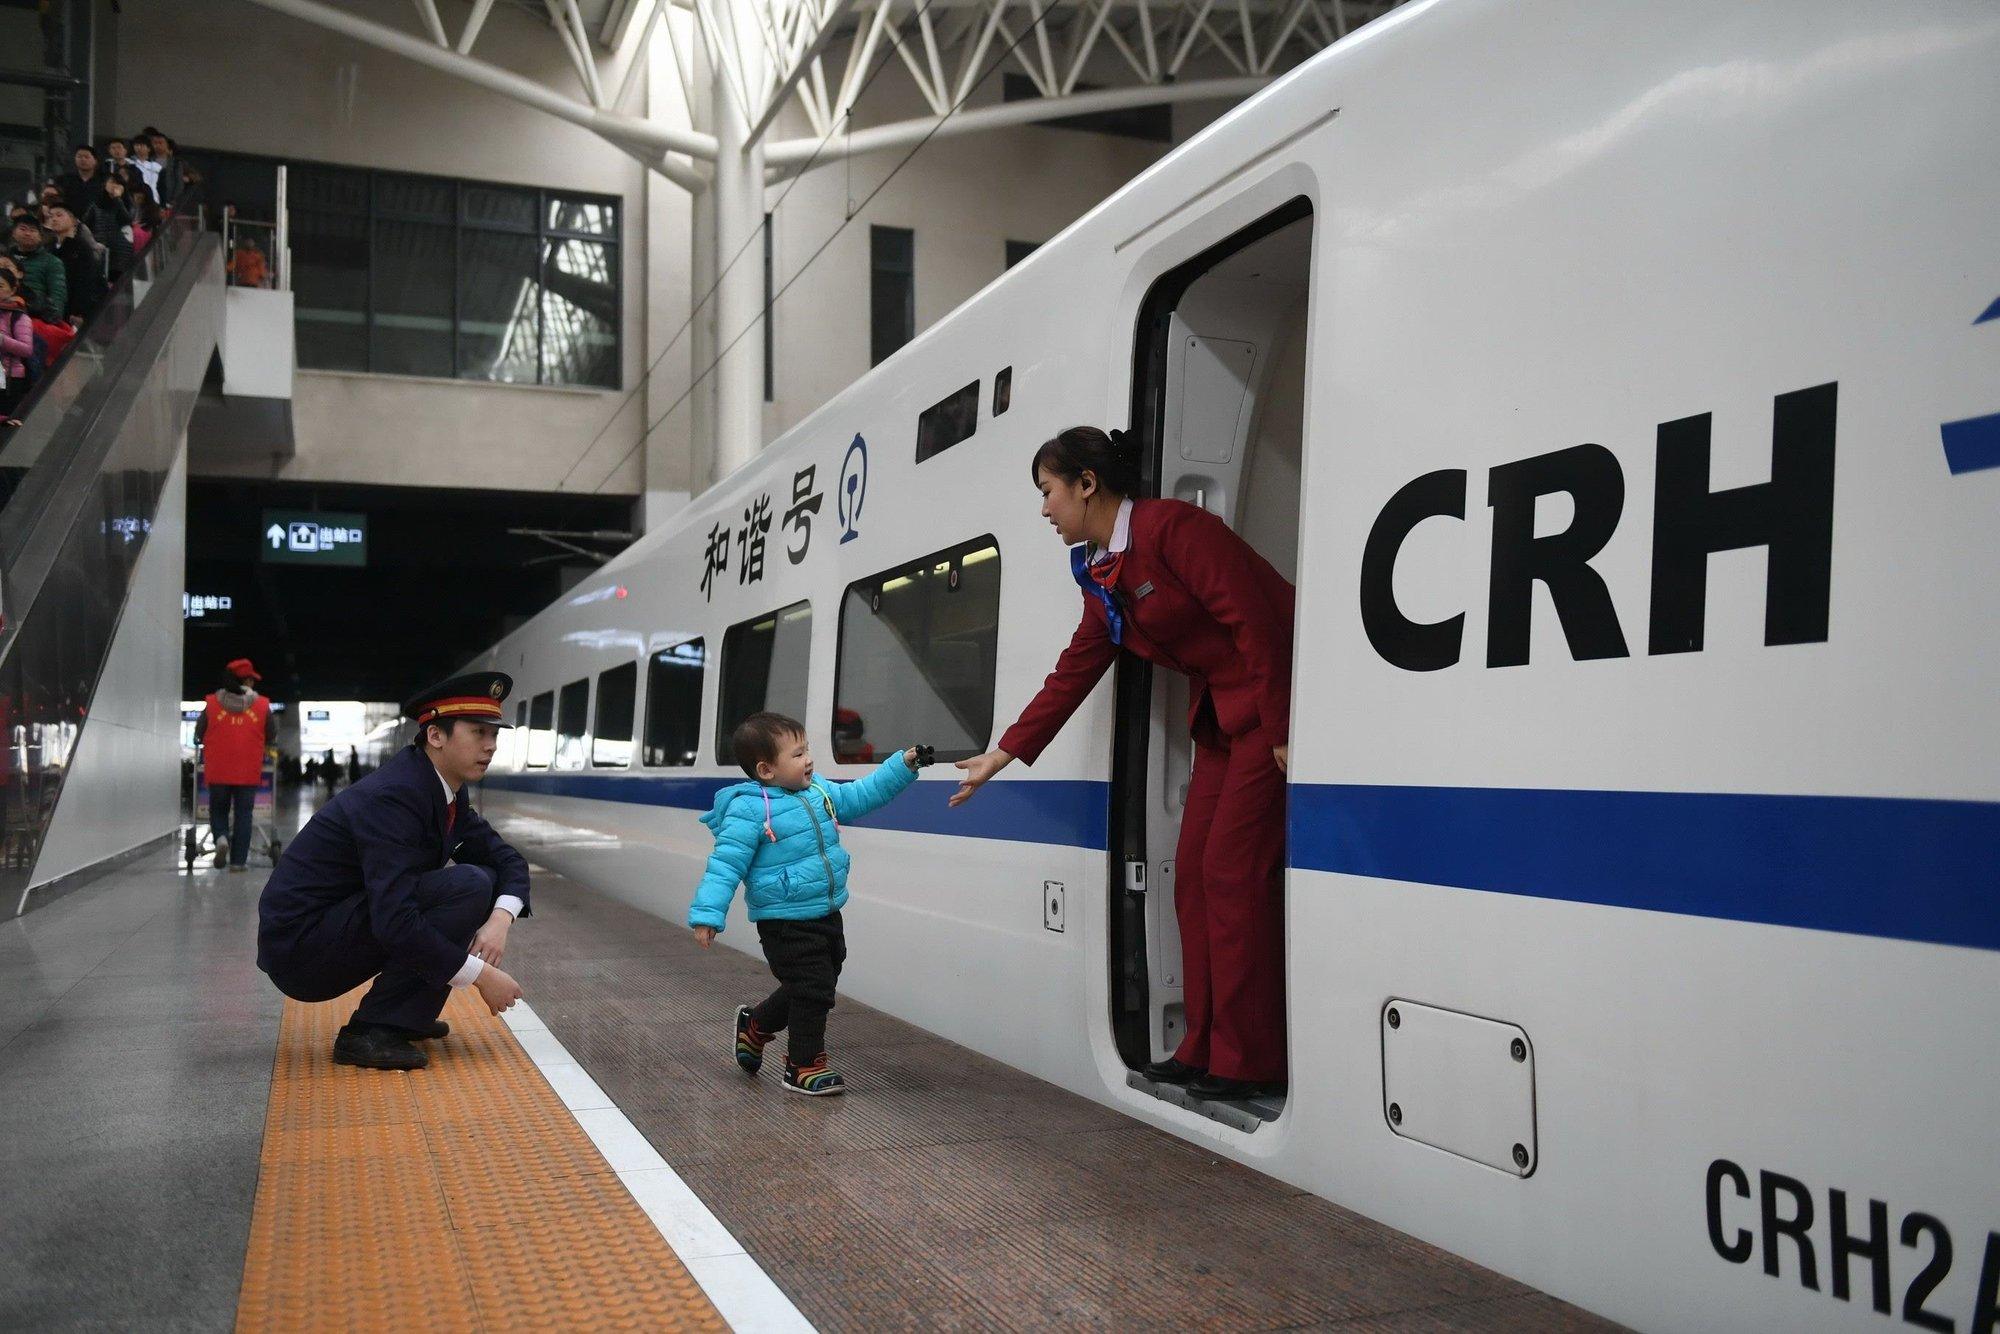 春运首日 铁路预计发送旅客900万人次